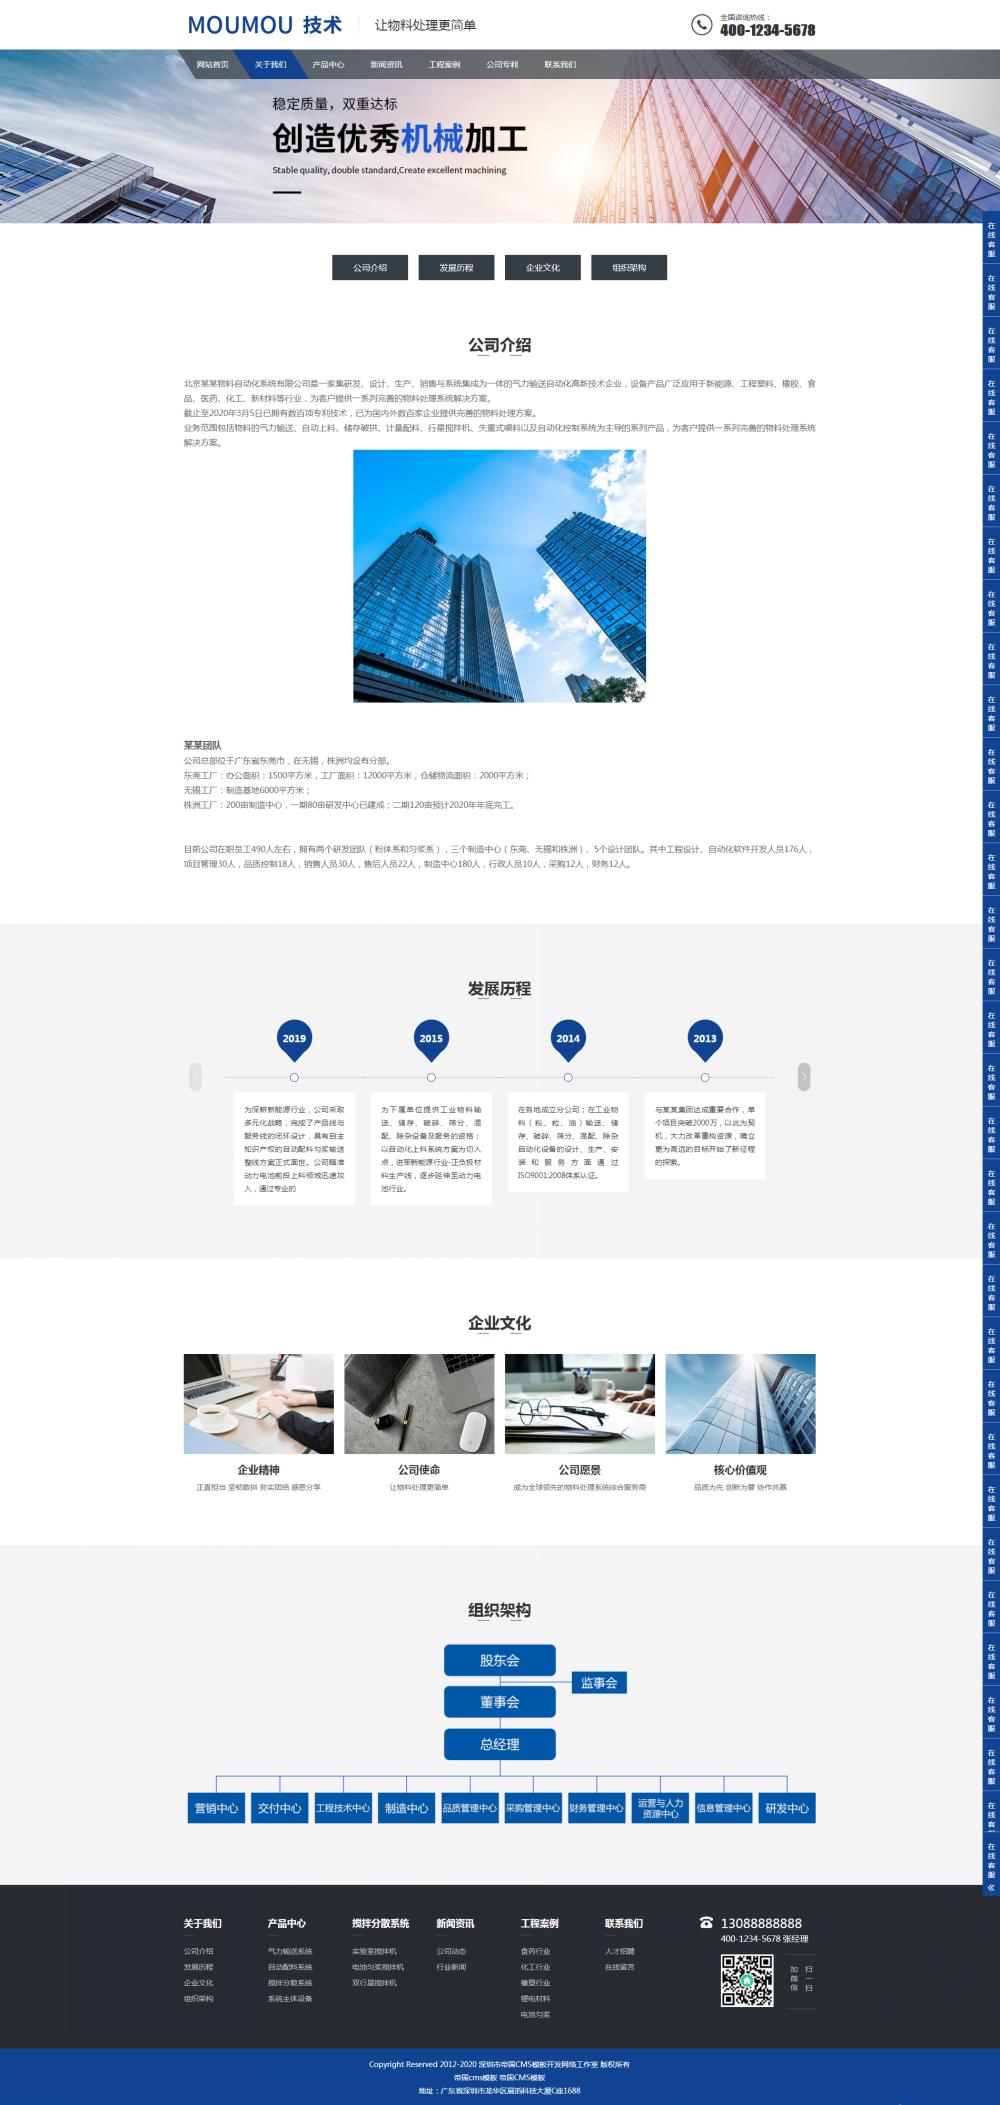 2关于我们.png [DG-123]响应式物料自动化机械加工帝国CMS模板 html5蓝色营销型机械设备帝国网站源码 企业模板 第2张